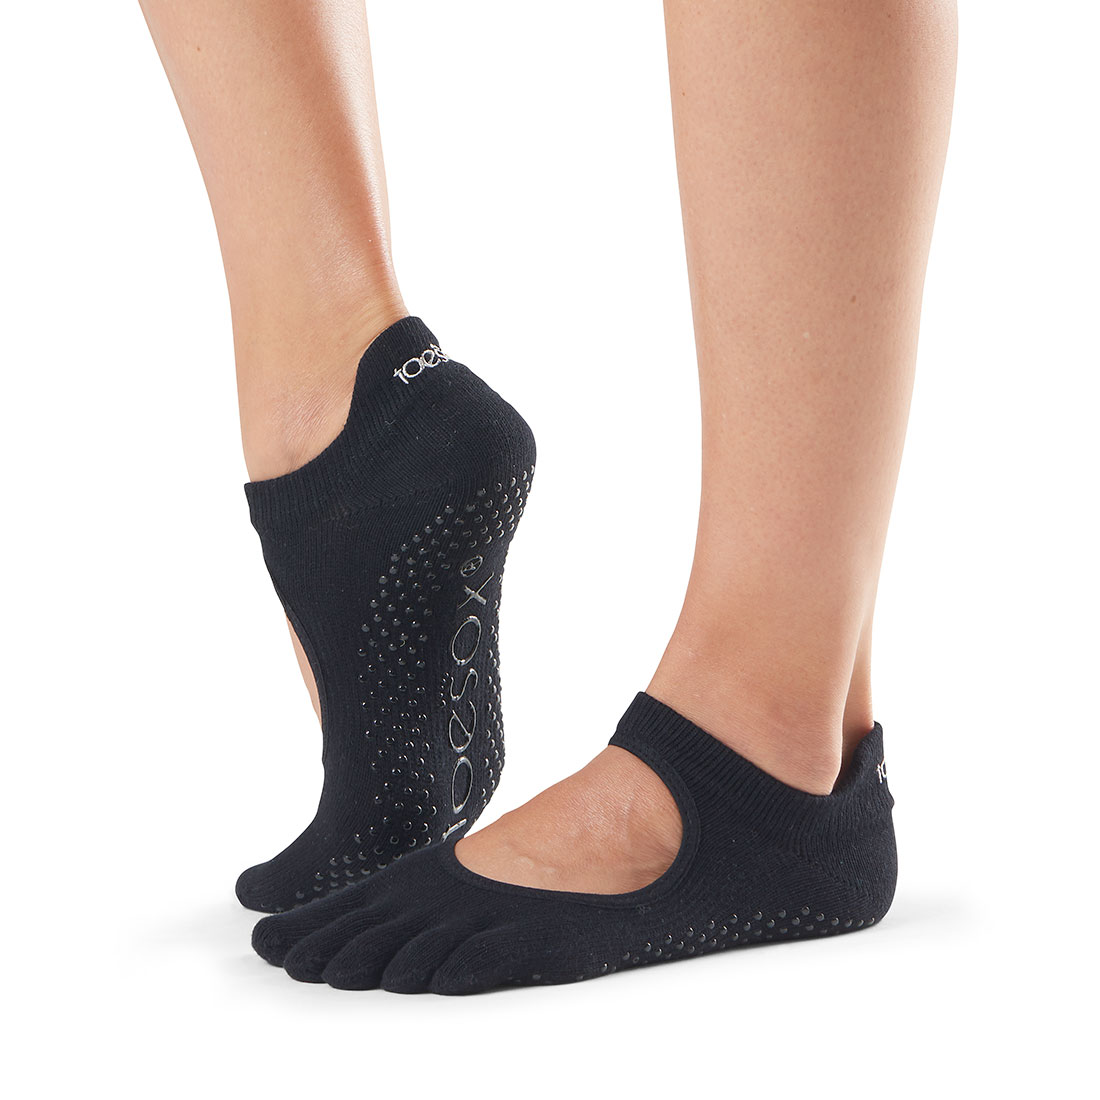 Yogasocken ToeSox Bellarina Full Toe Black